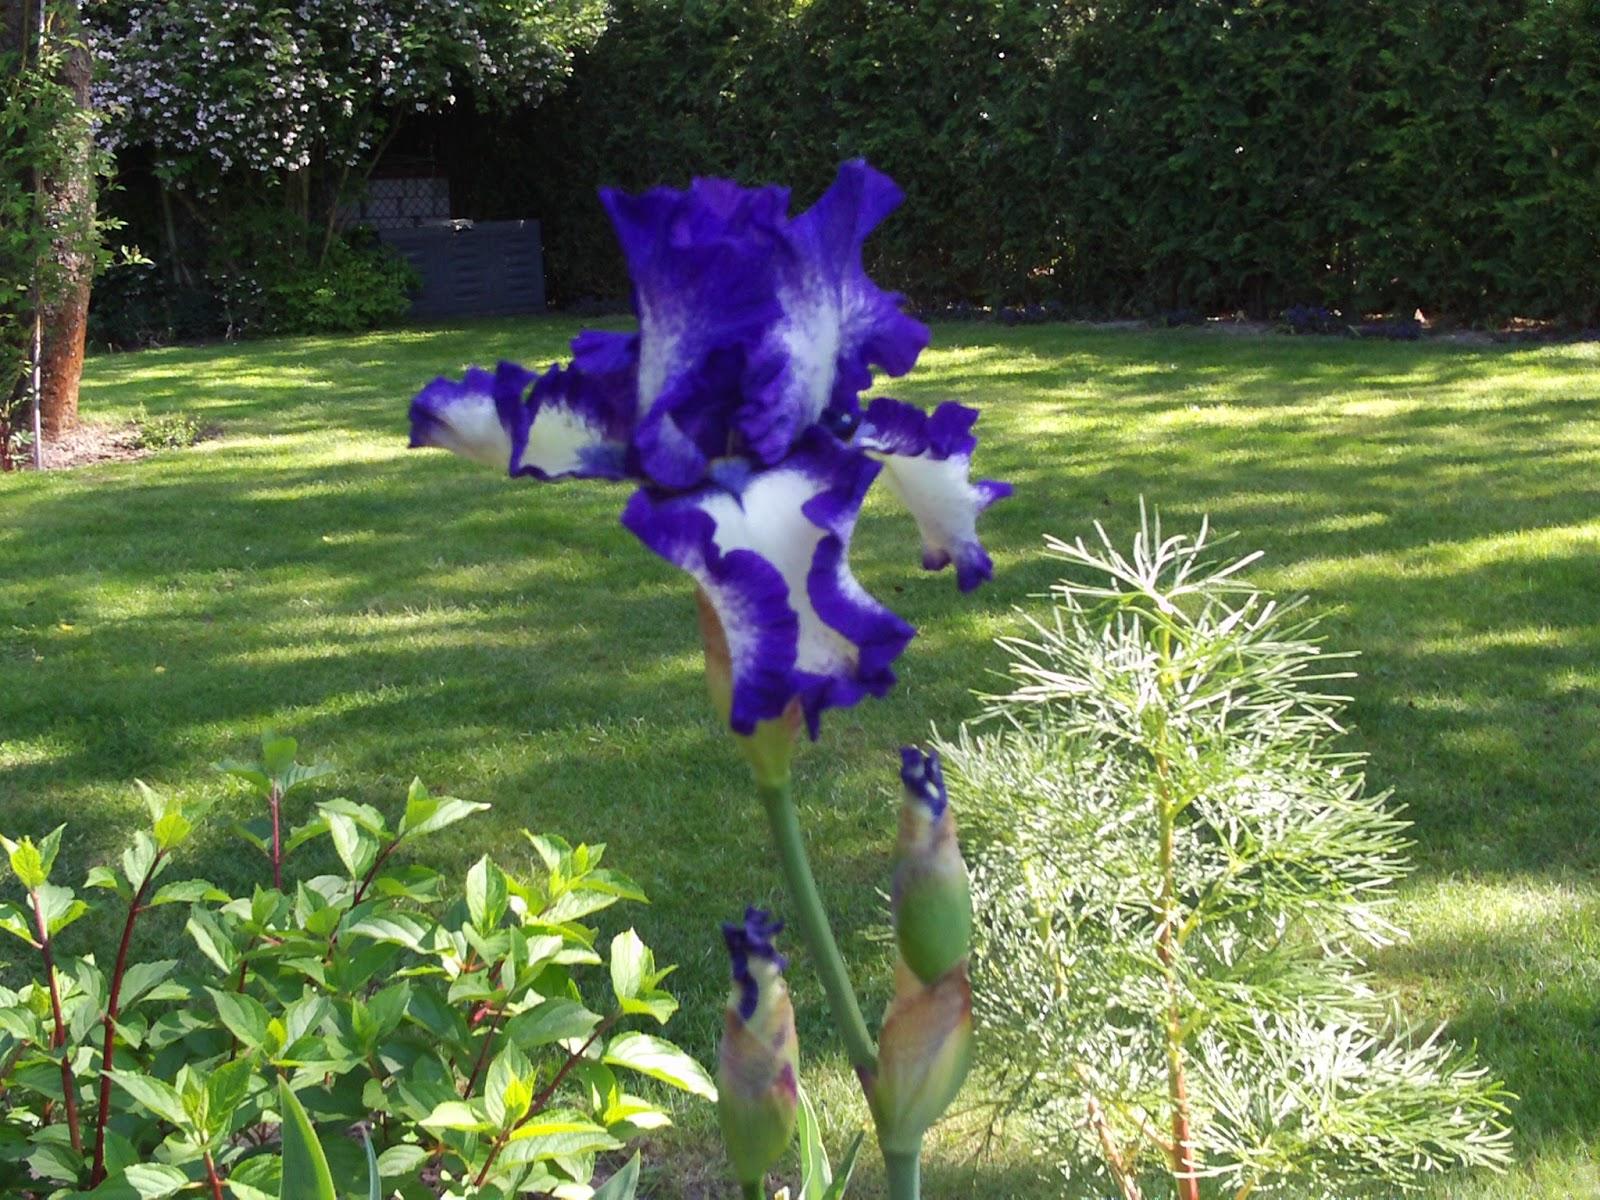 bartiris iris schwertlilie ein traum in blau wei gartenelfe. Black Bedroom Furniture Sets. Home Design Ideas